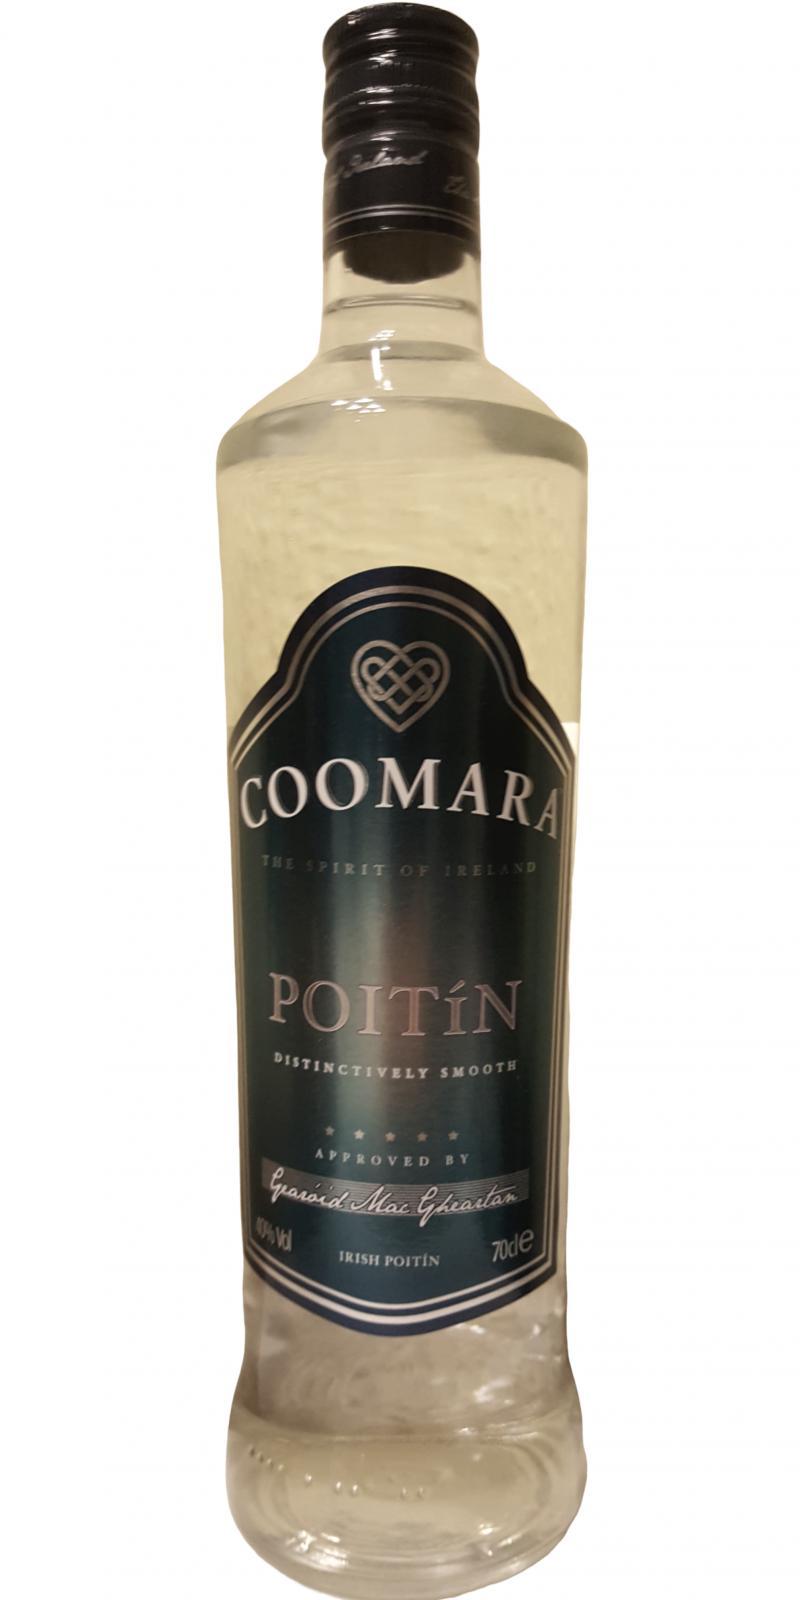 Coomara Poitín